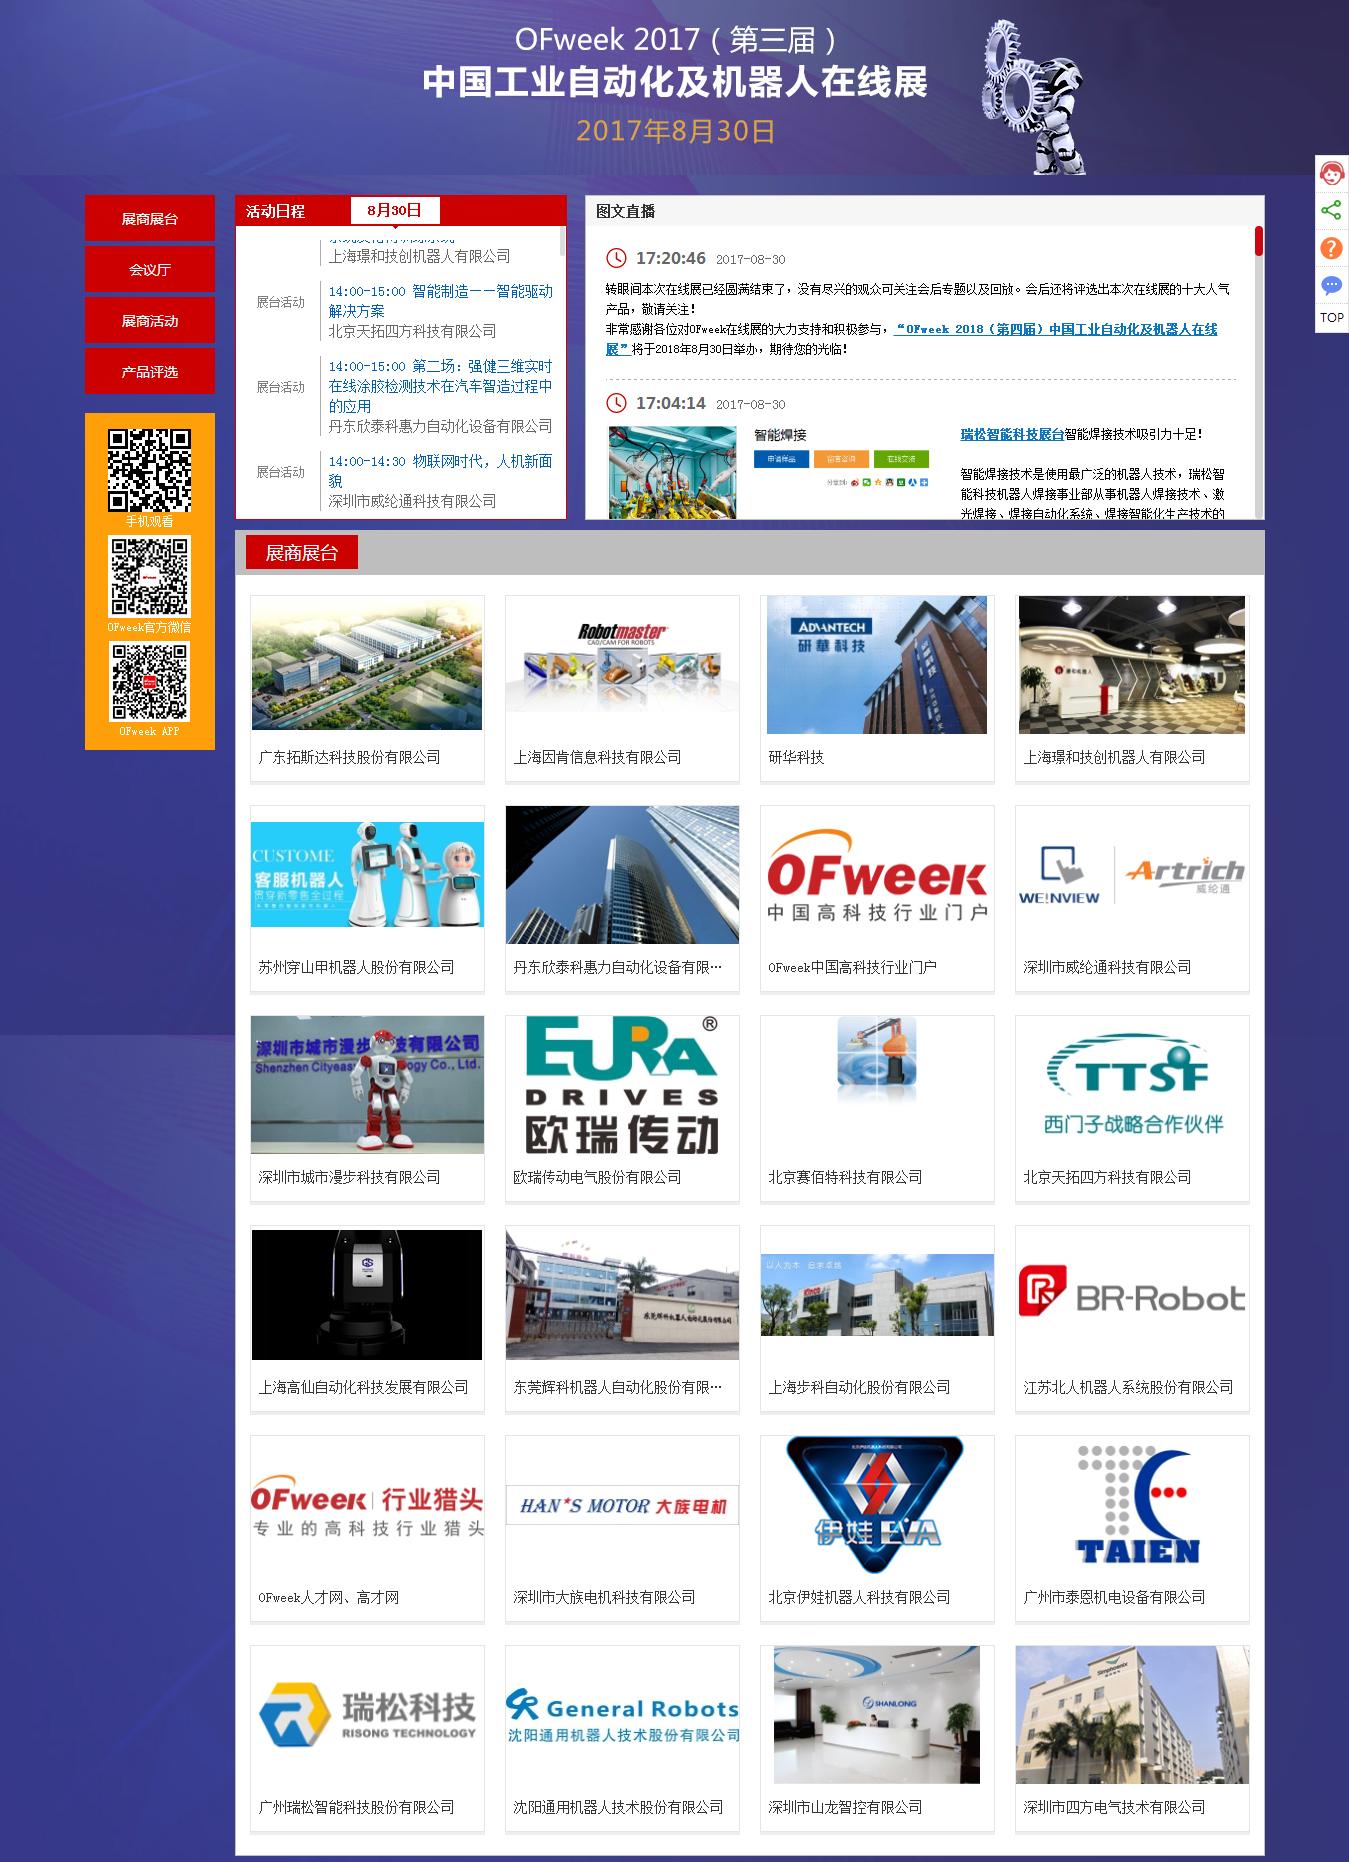 OFweek2017(第三届)中国工业自动化及机器人在线展圆满闭幕 智能连接工业未来